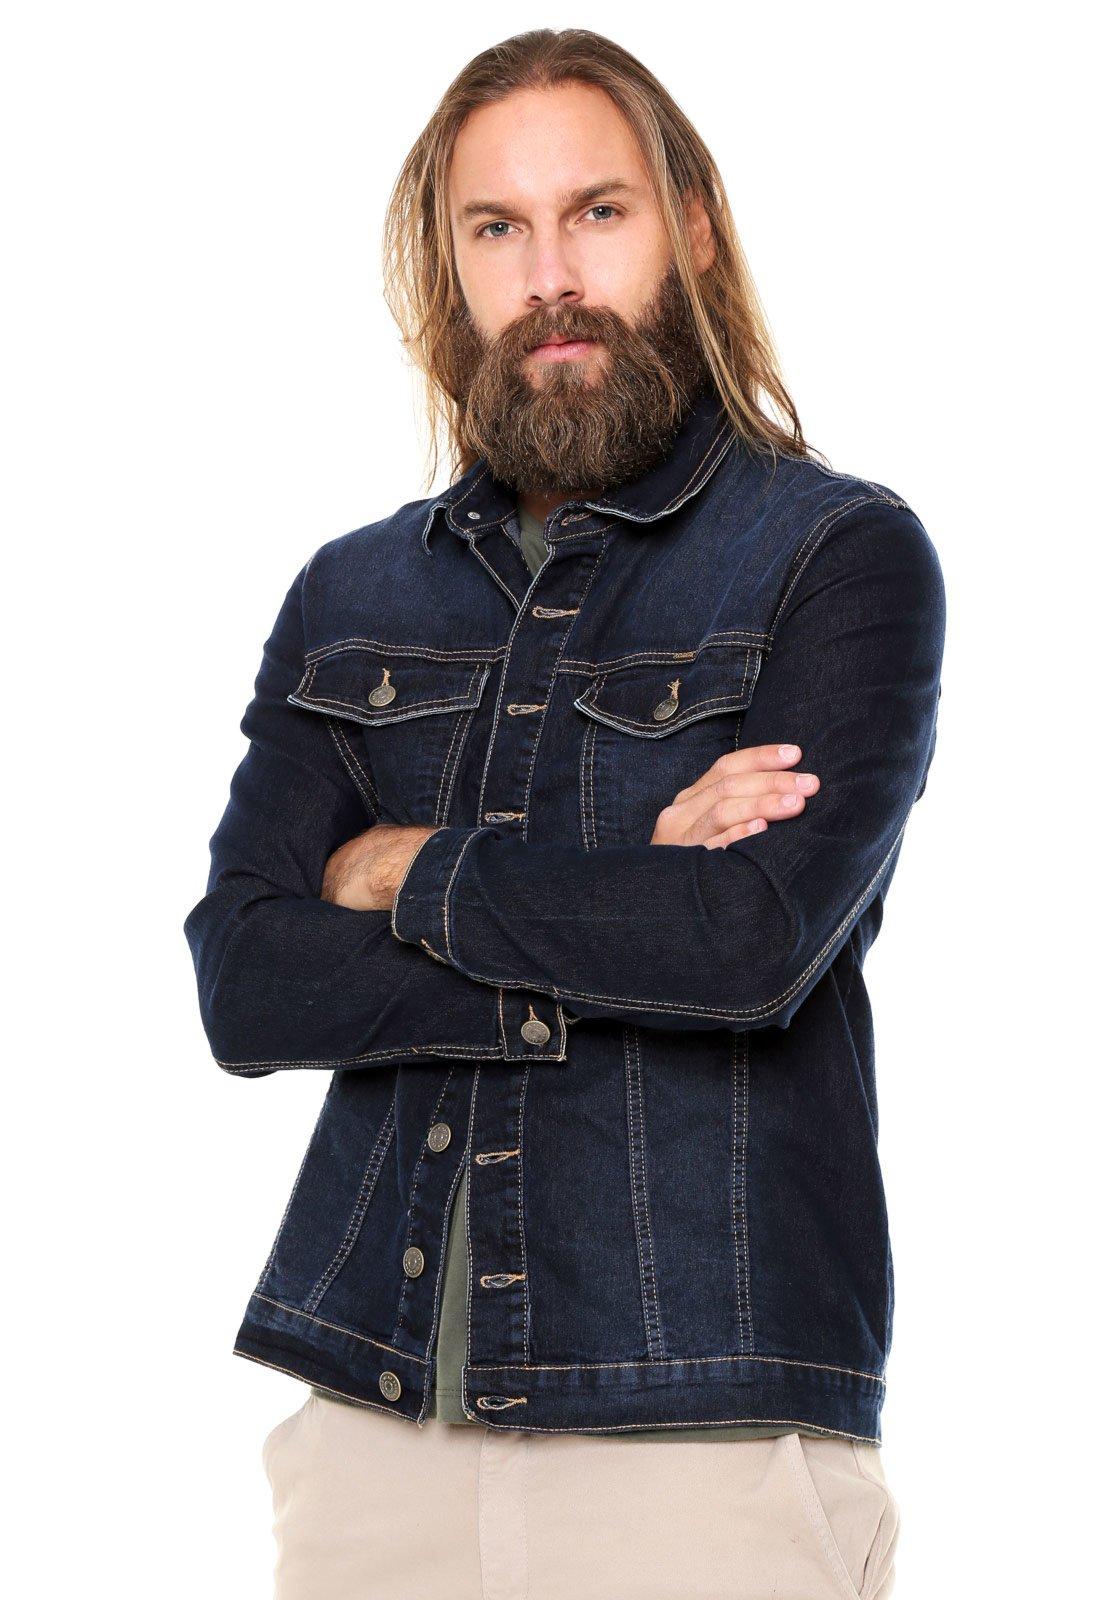 Jaqueta Jeans Polo Wear Bolsos Azul-marinho - Compre Agora  236dd49bce7cd